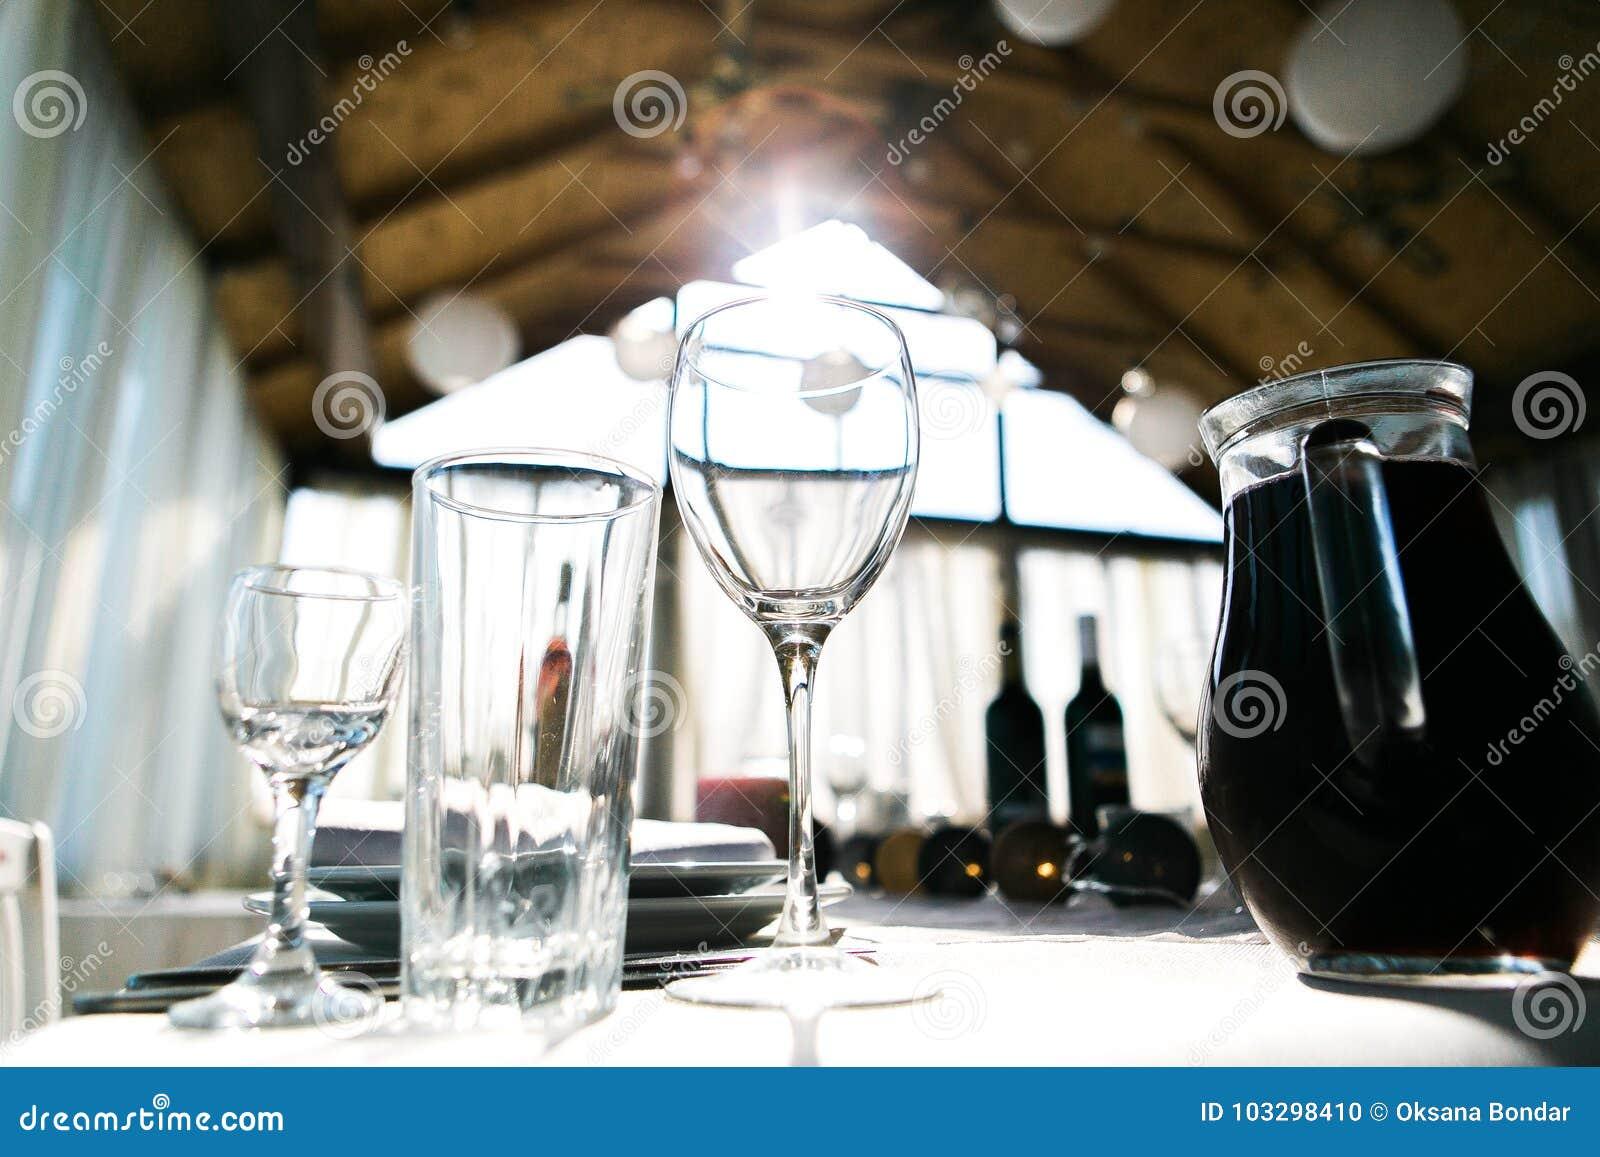 Presente el ajuste para la cena en restaurante, servido casandose la tabla con la decoración como las velas, copas de vino, linte